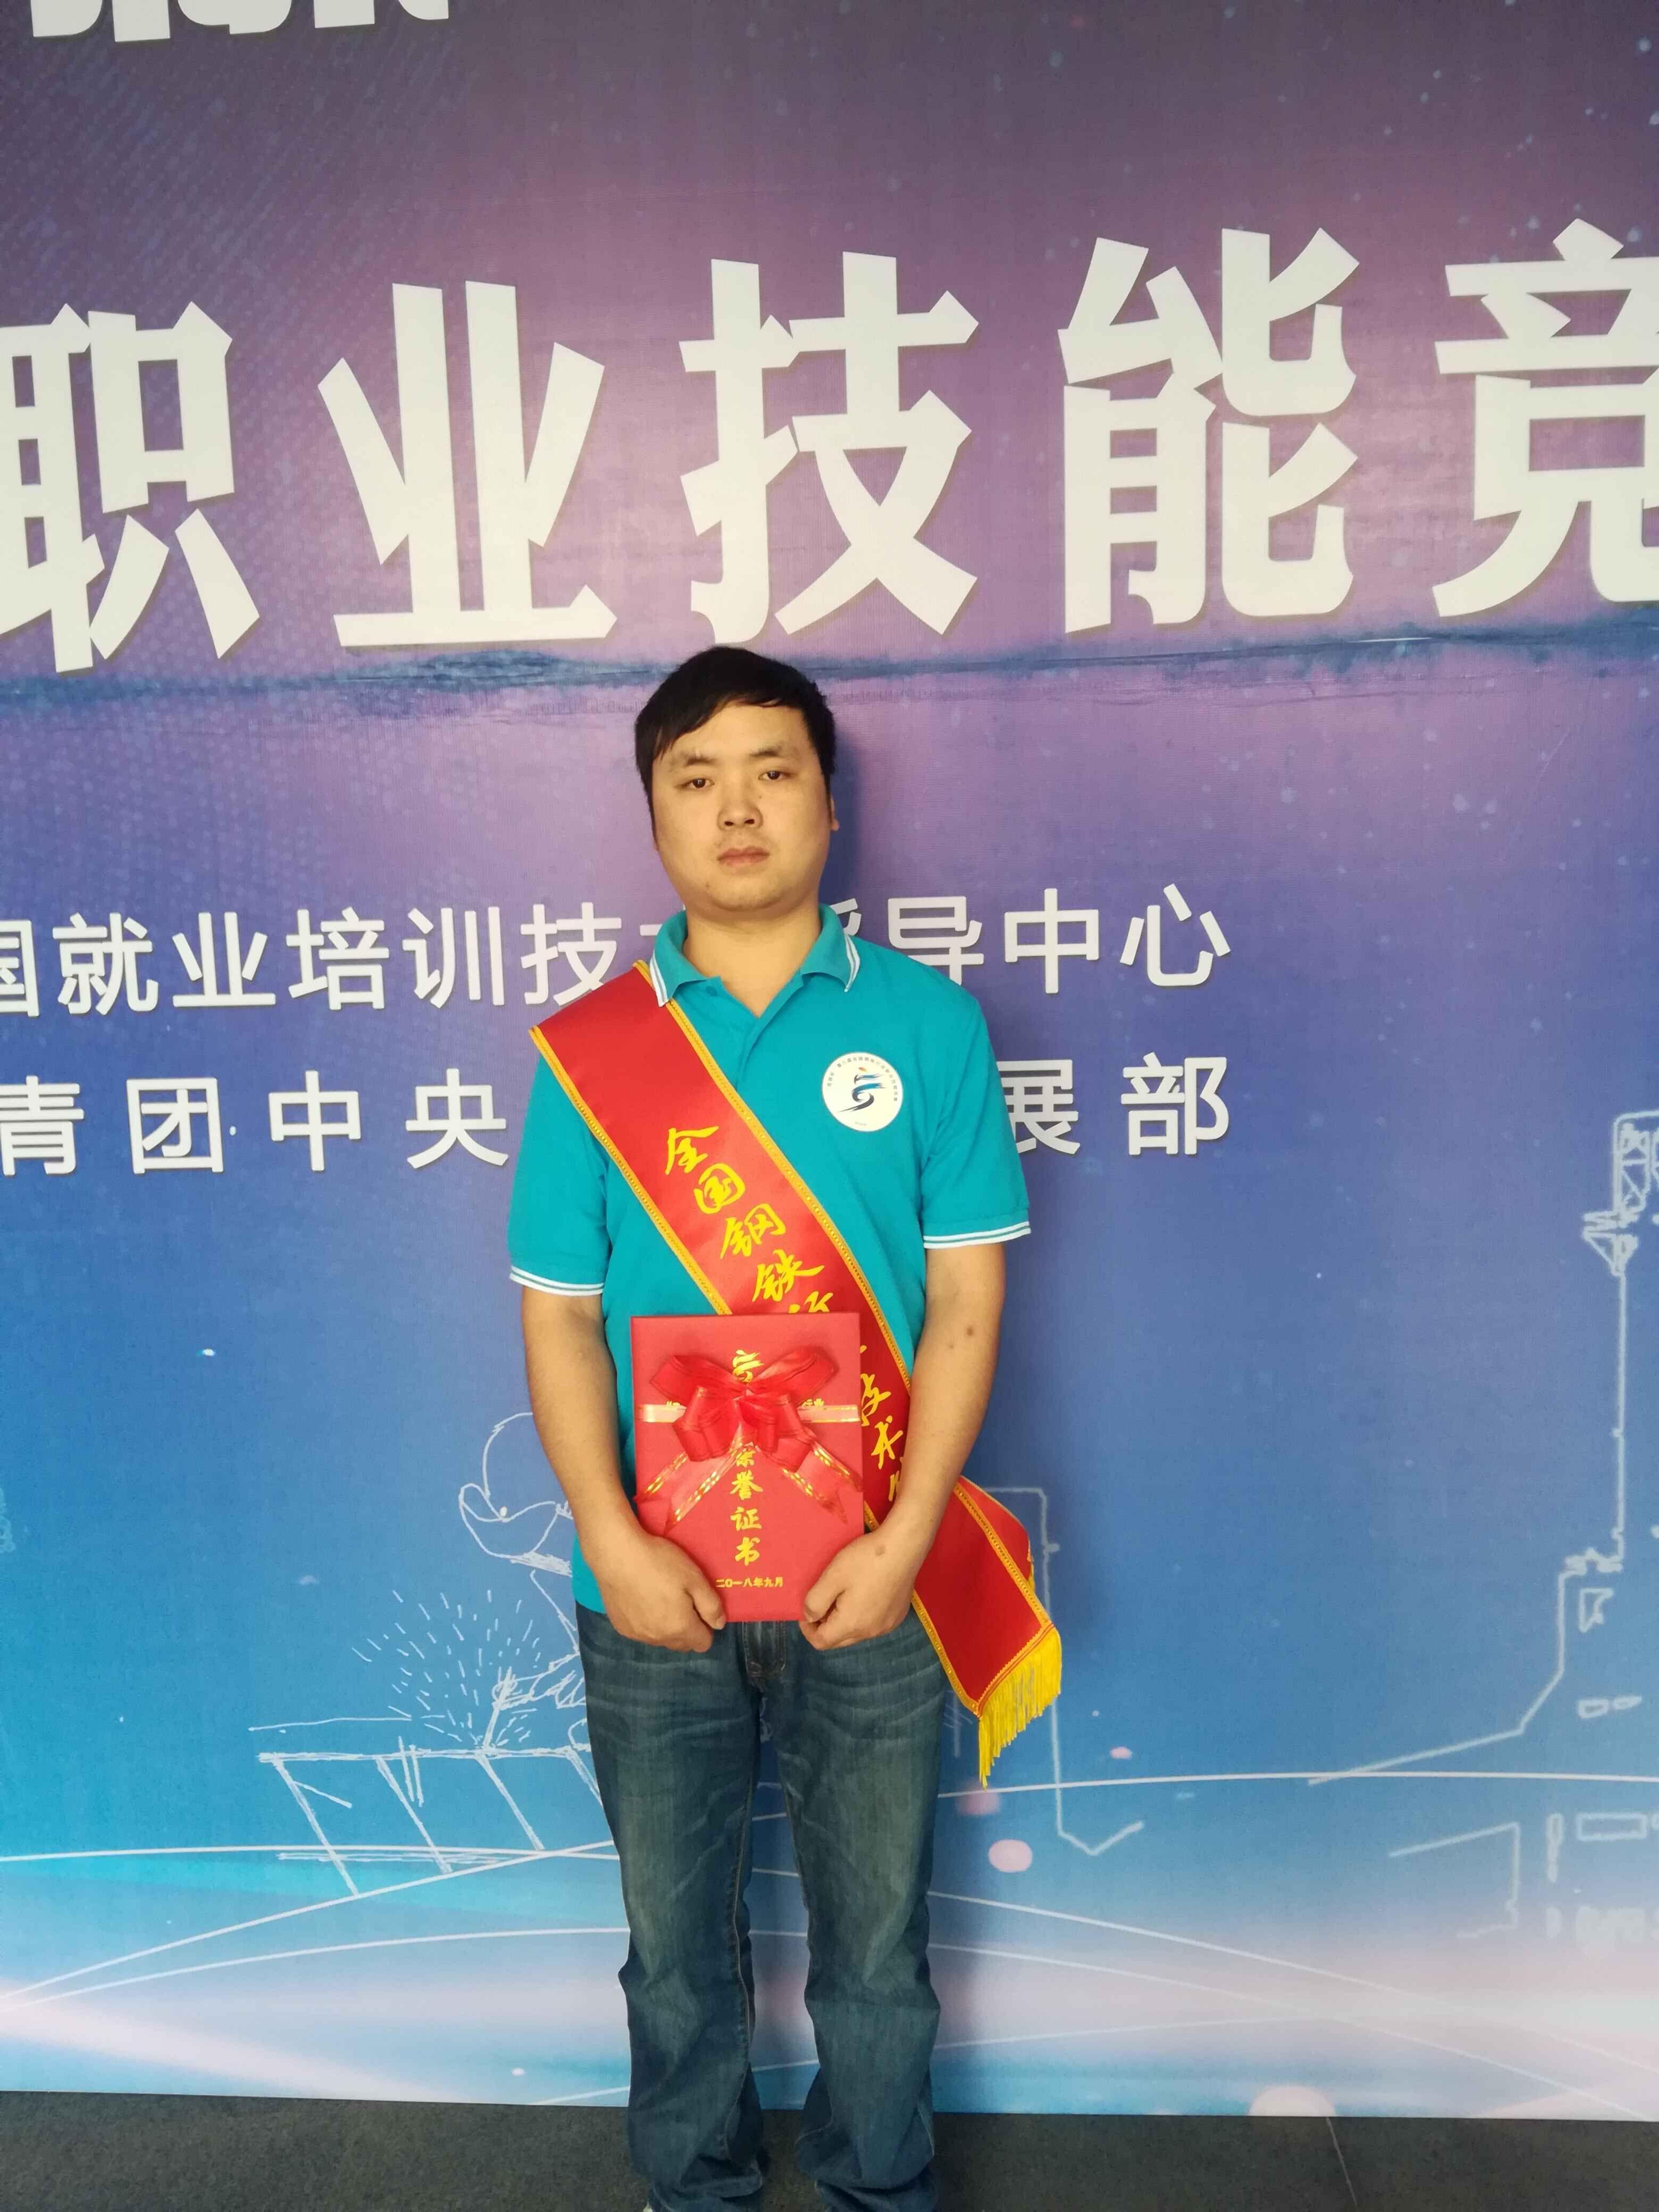 """【金色荣誉】公司员工彭兵喜获""""全国钢铁行业技术能手""""荣誉称号"""